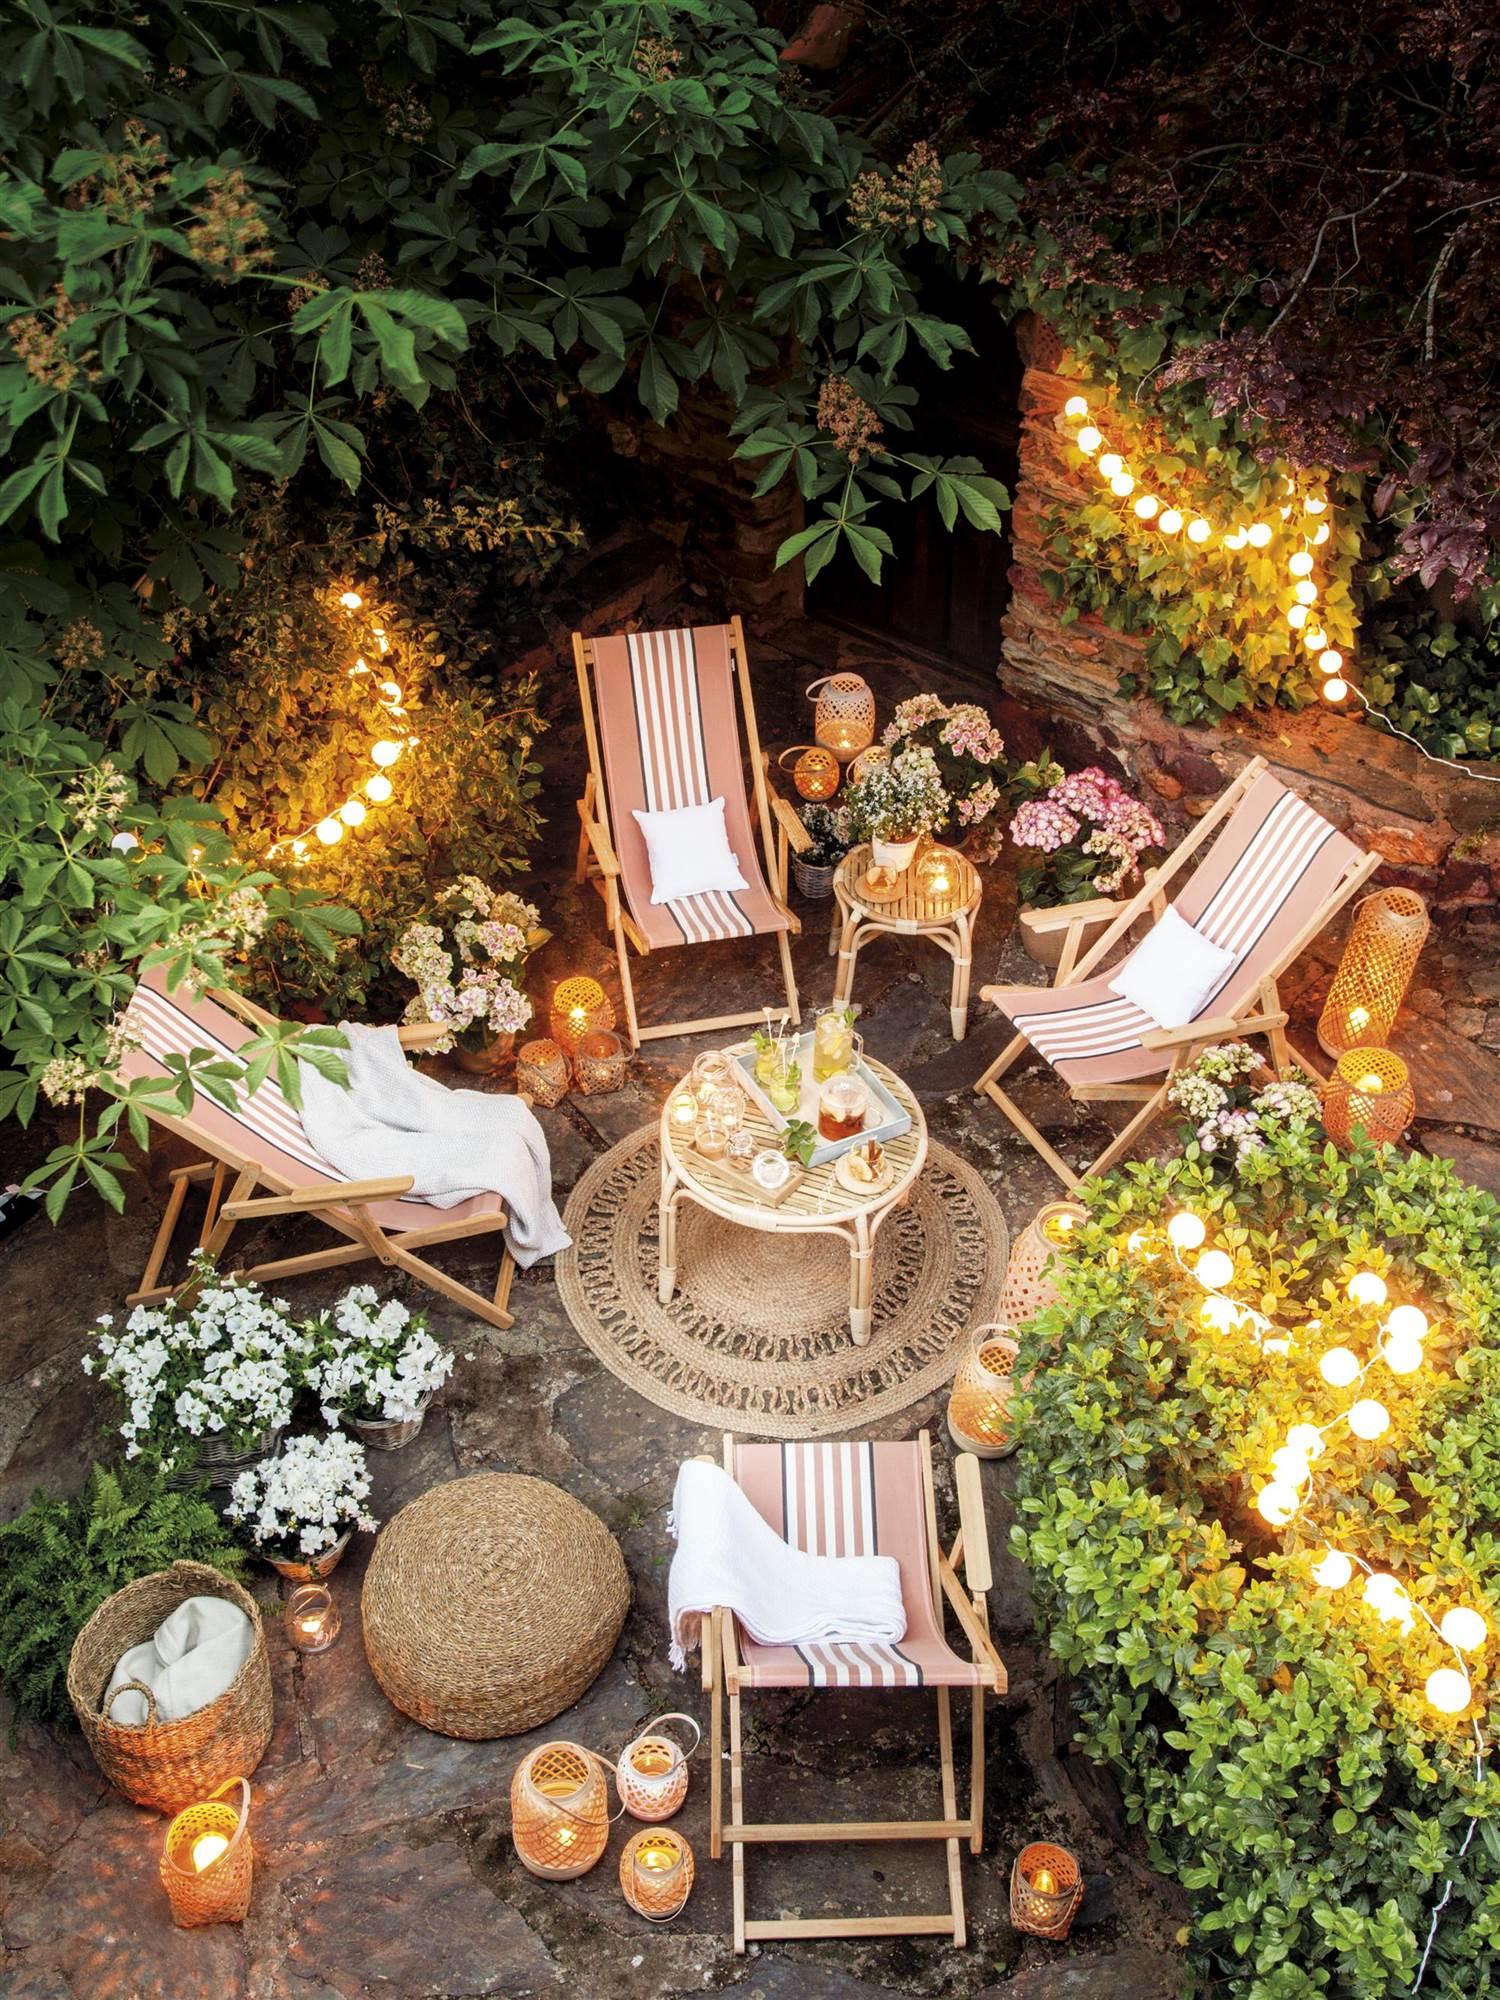 Los Mejores Muebles De Terraza Y Jard N De El Mueble # Muebles Piso Completo Conforama